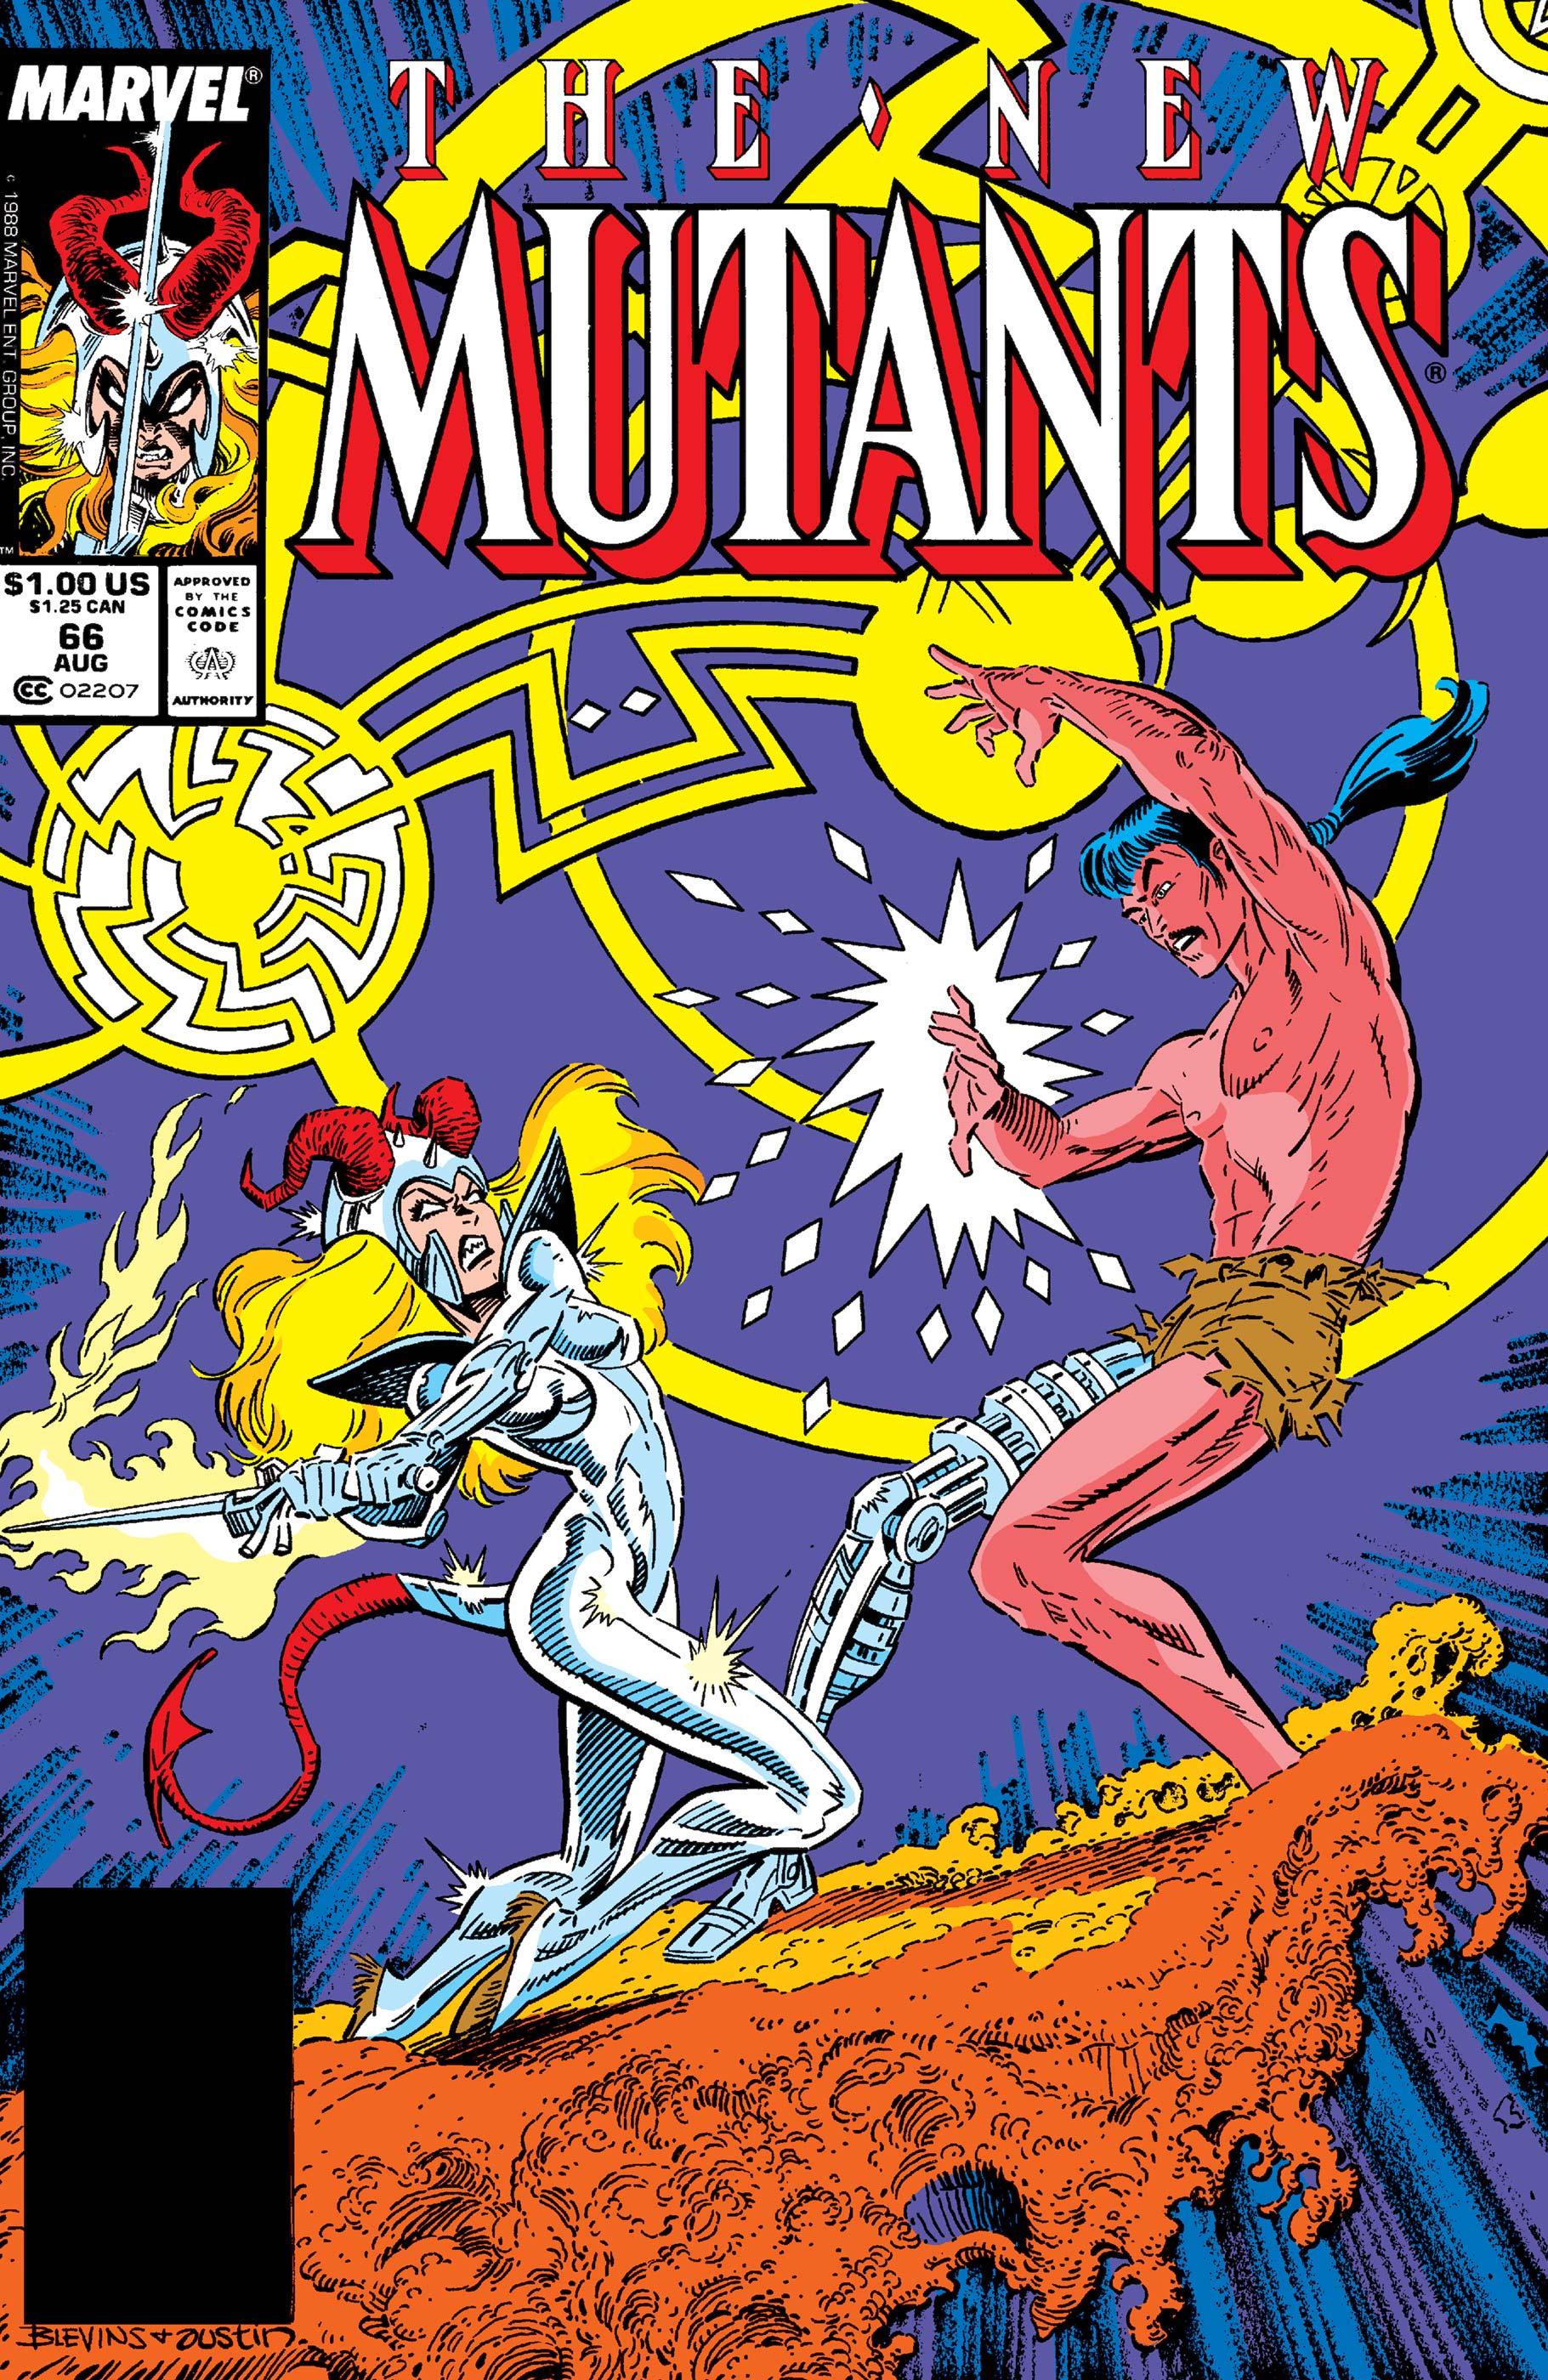 New Mutants (1983) #66